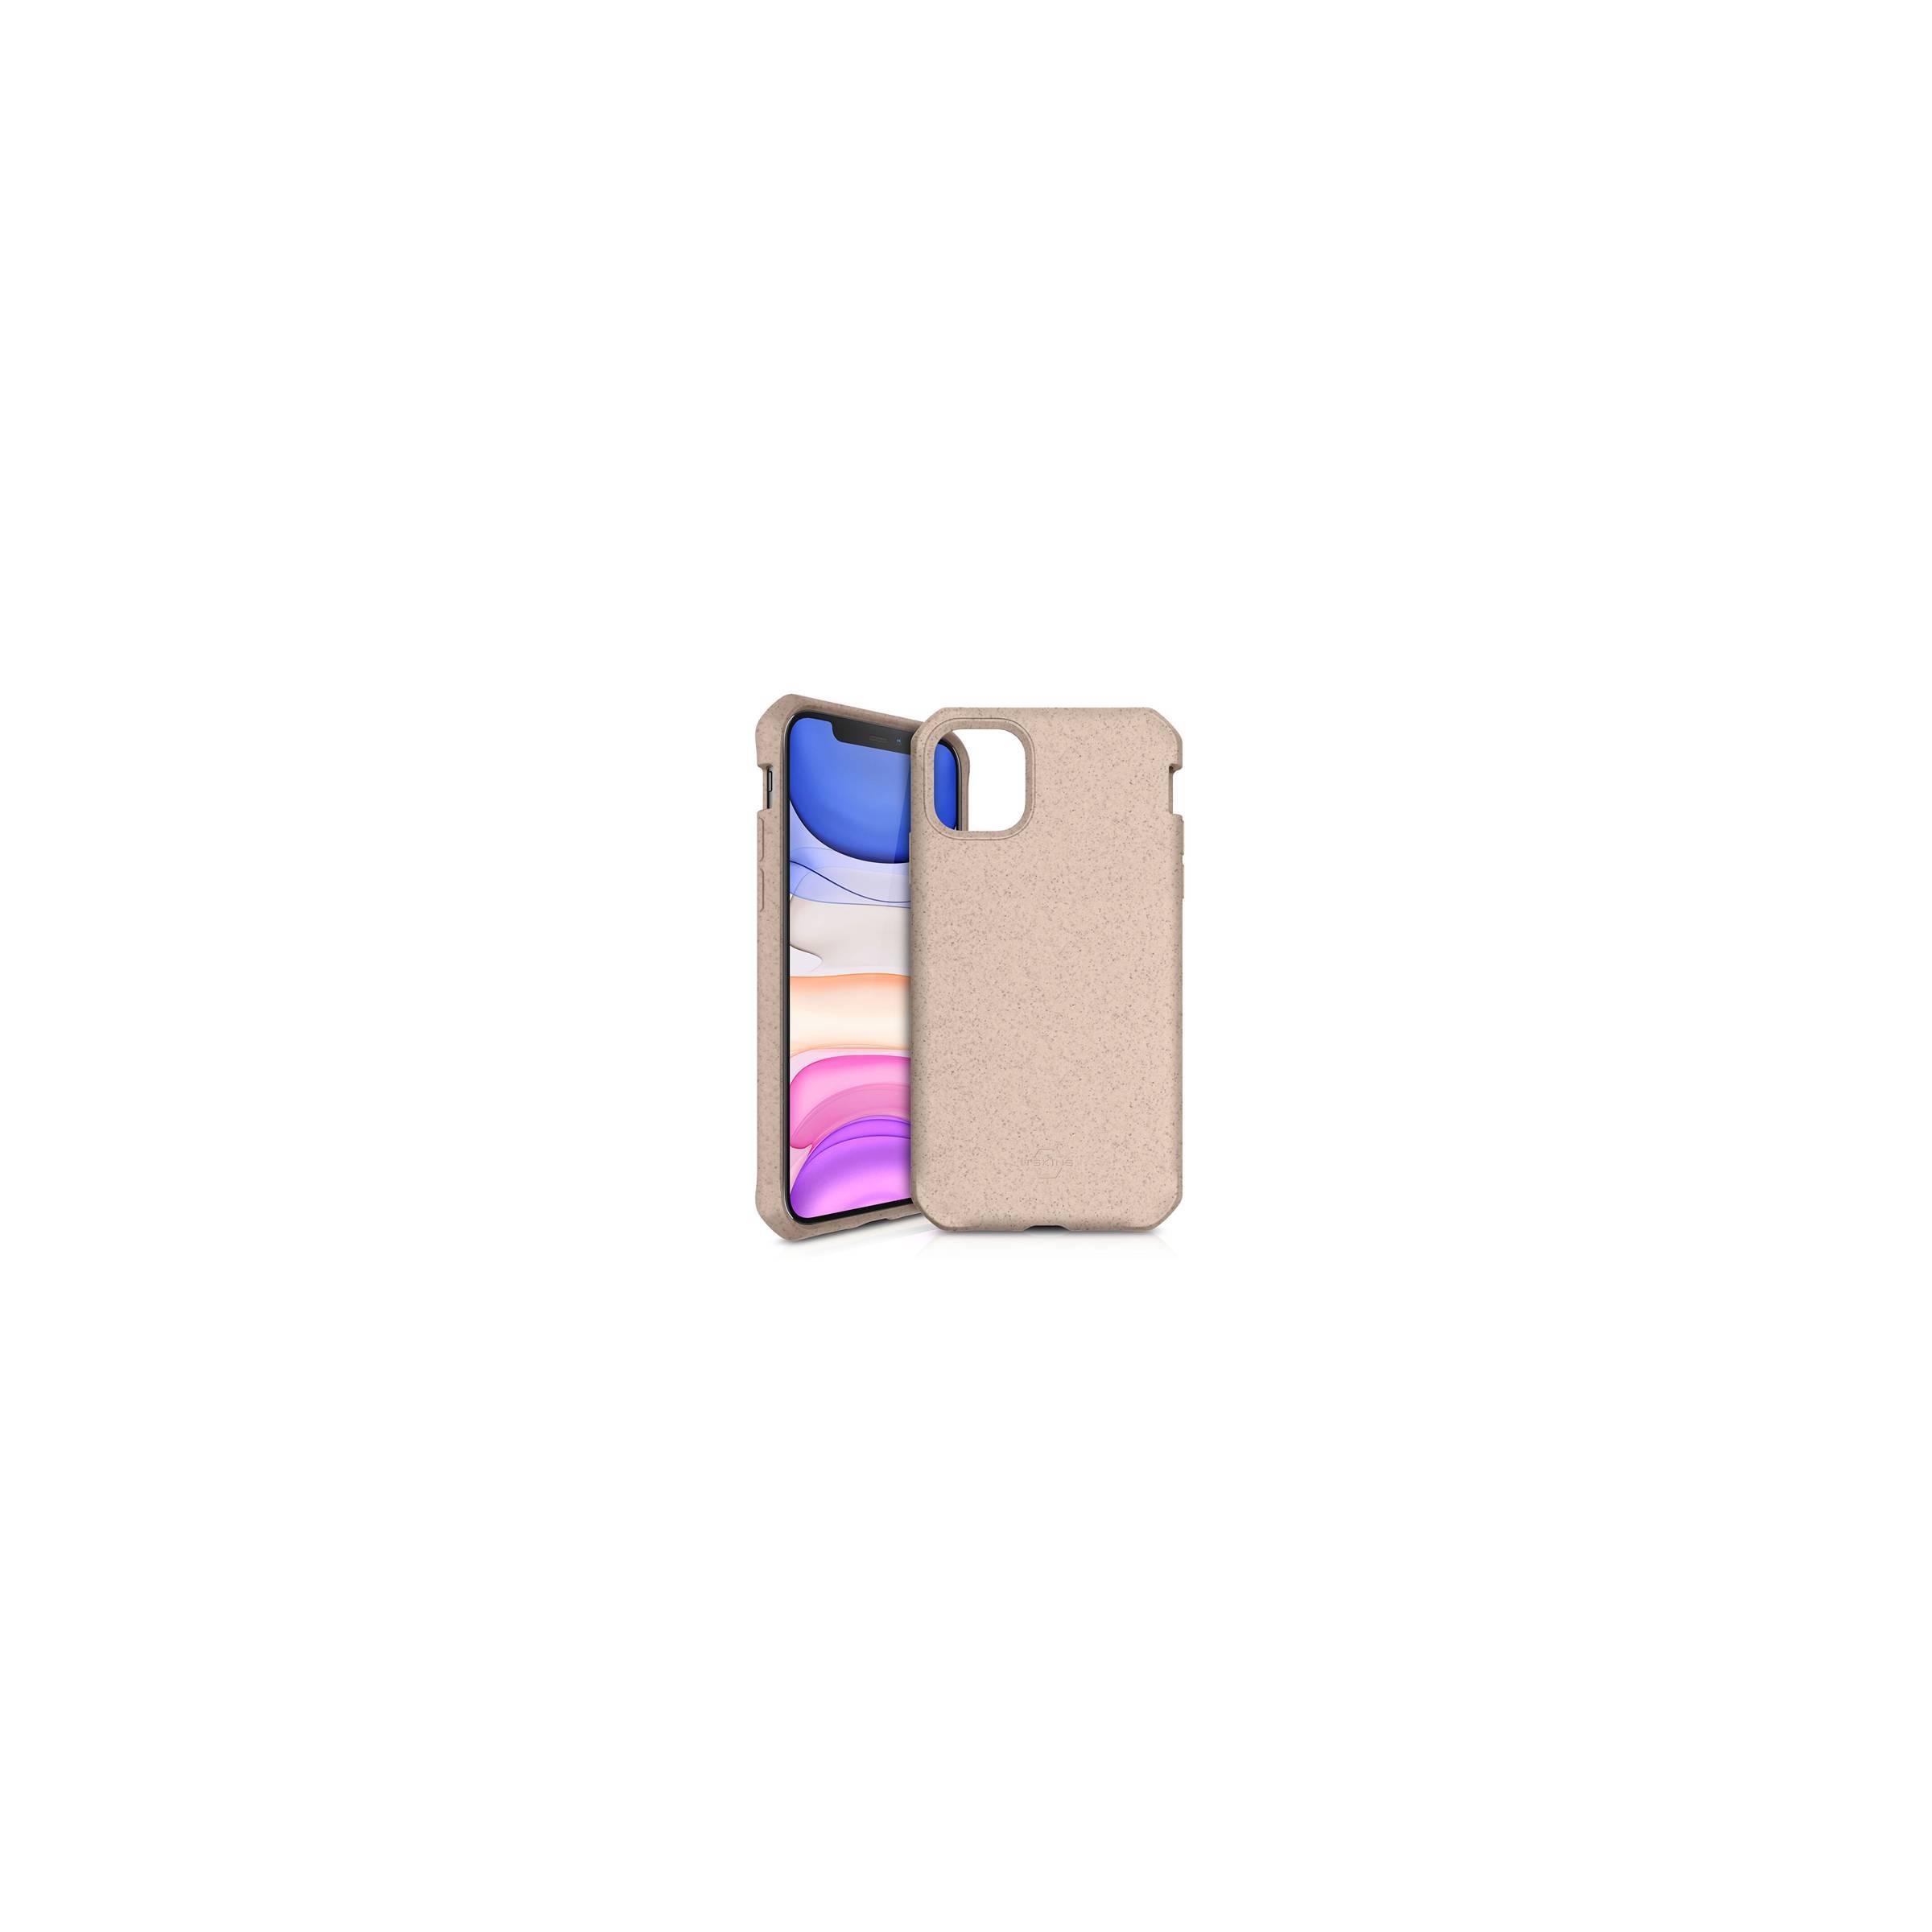 itskins Feroniabio bionedbrydeligt iphone 11 cover natur fra itskins på mackabler.dk